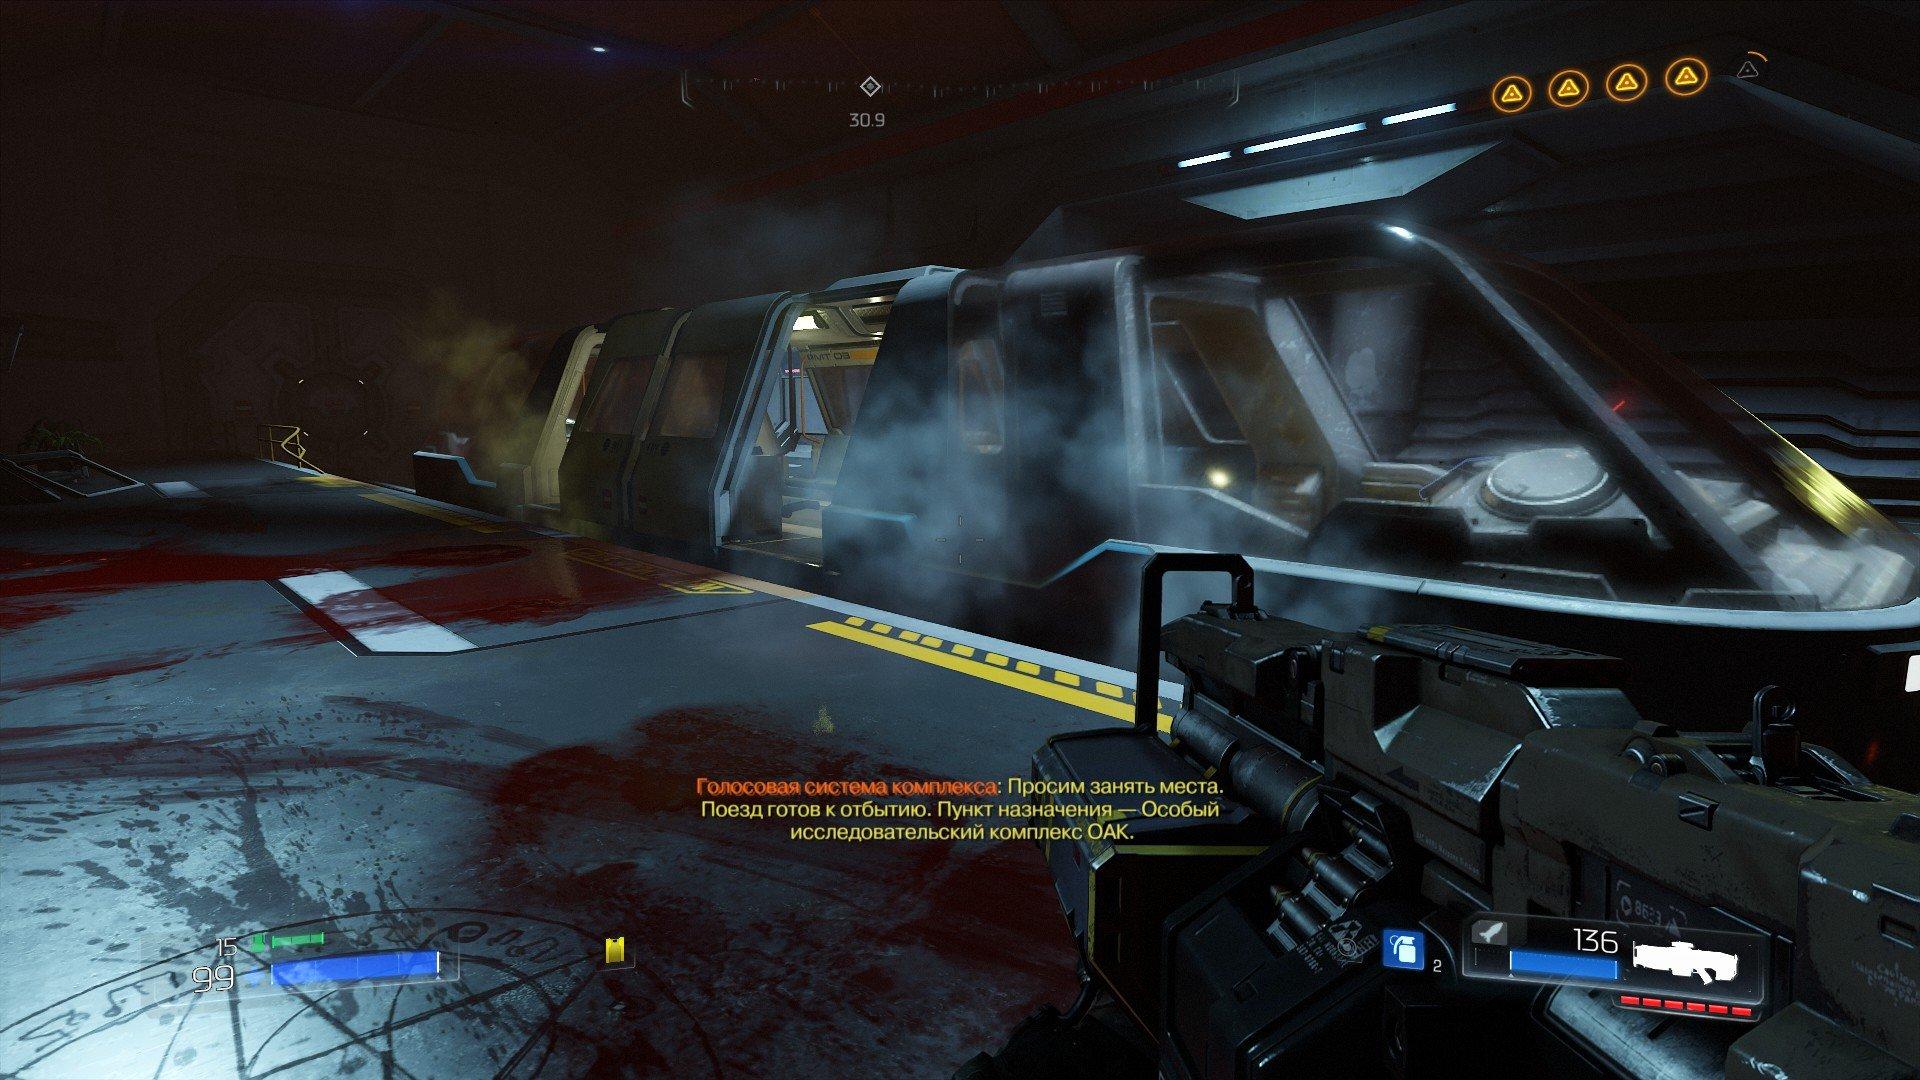 Вопль-прохождение Doom ... Позитивный и развеселый - Изображение 8